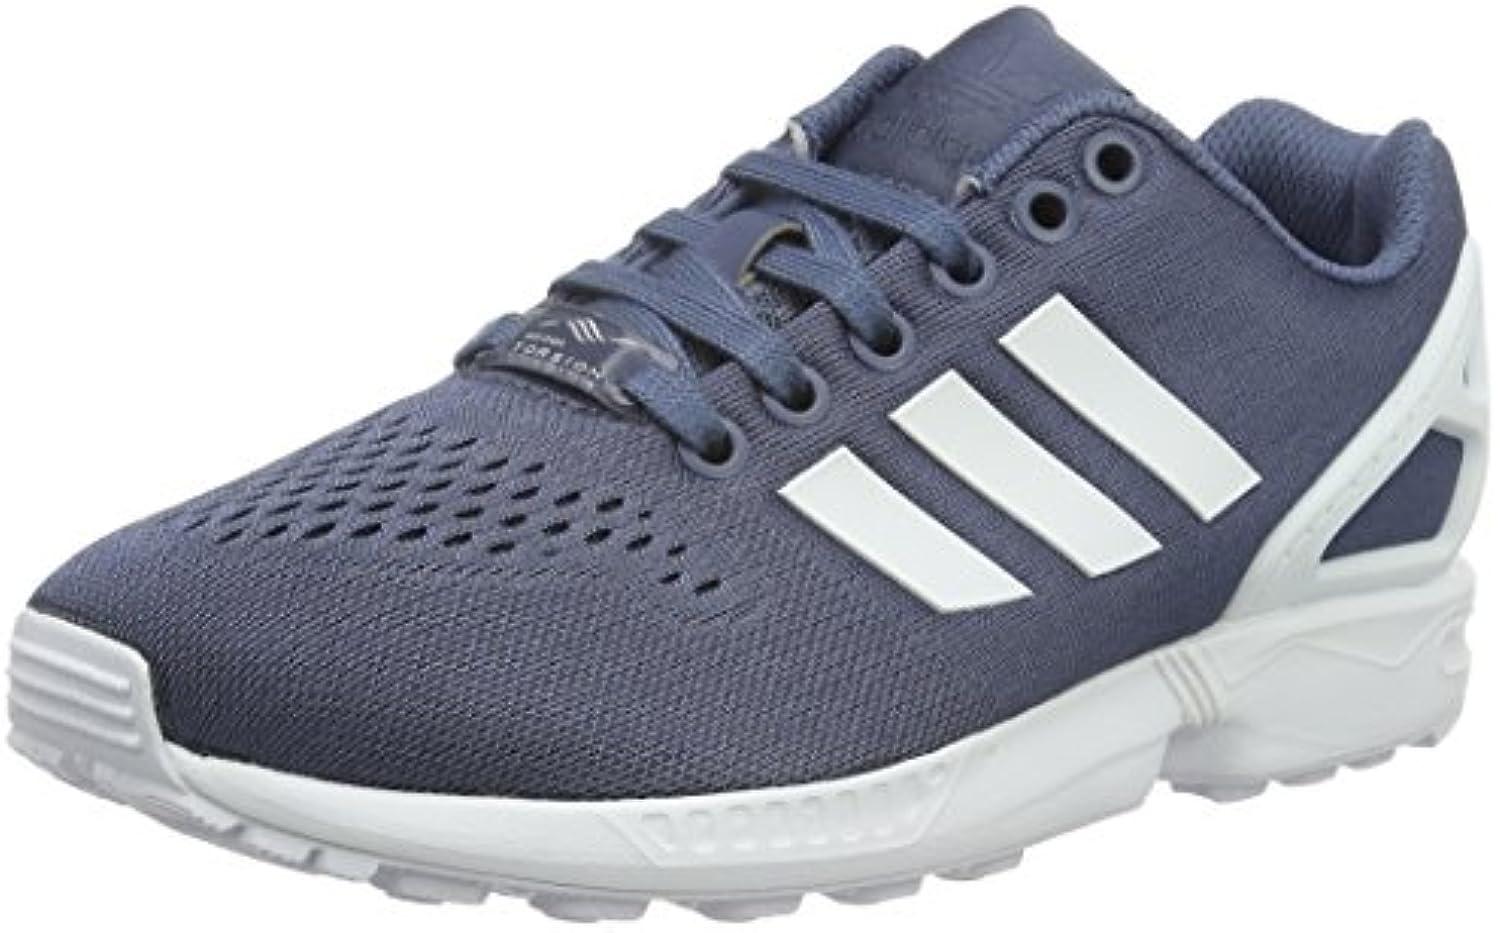 Adidas - ZX Flux Em, Scarpe da Ginnastica Ginnastica Ginnastica Unisex – Adulto | Prestazione eccellente  3a691a